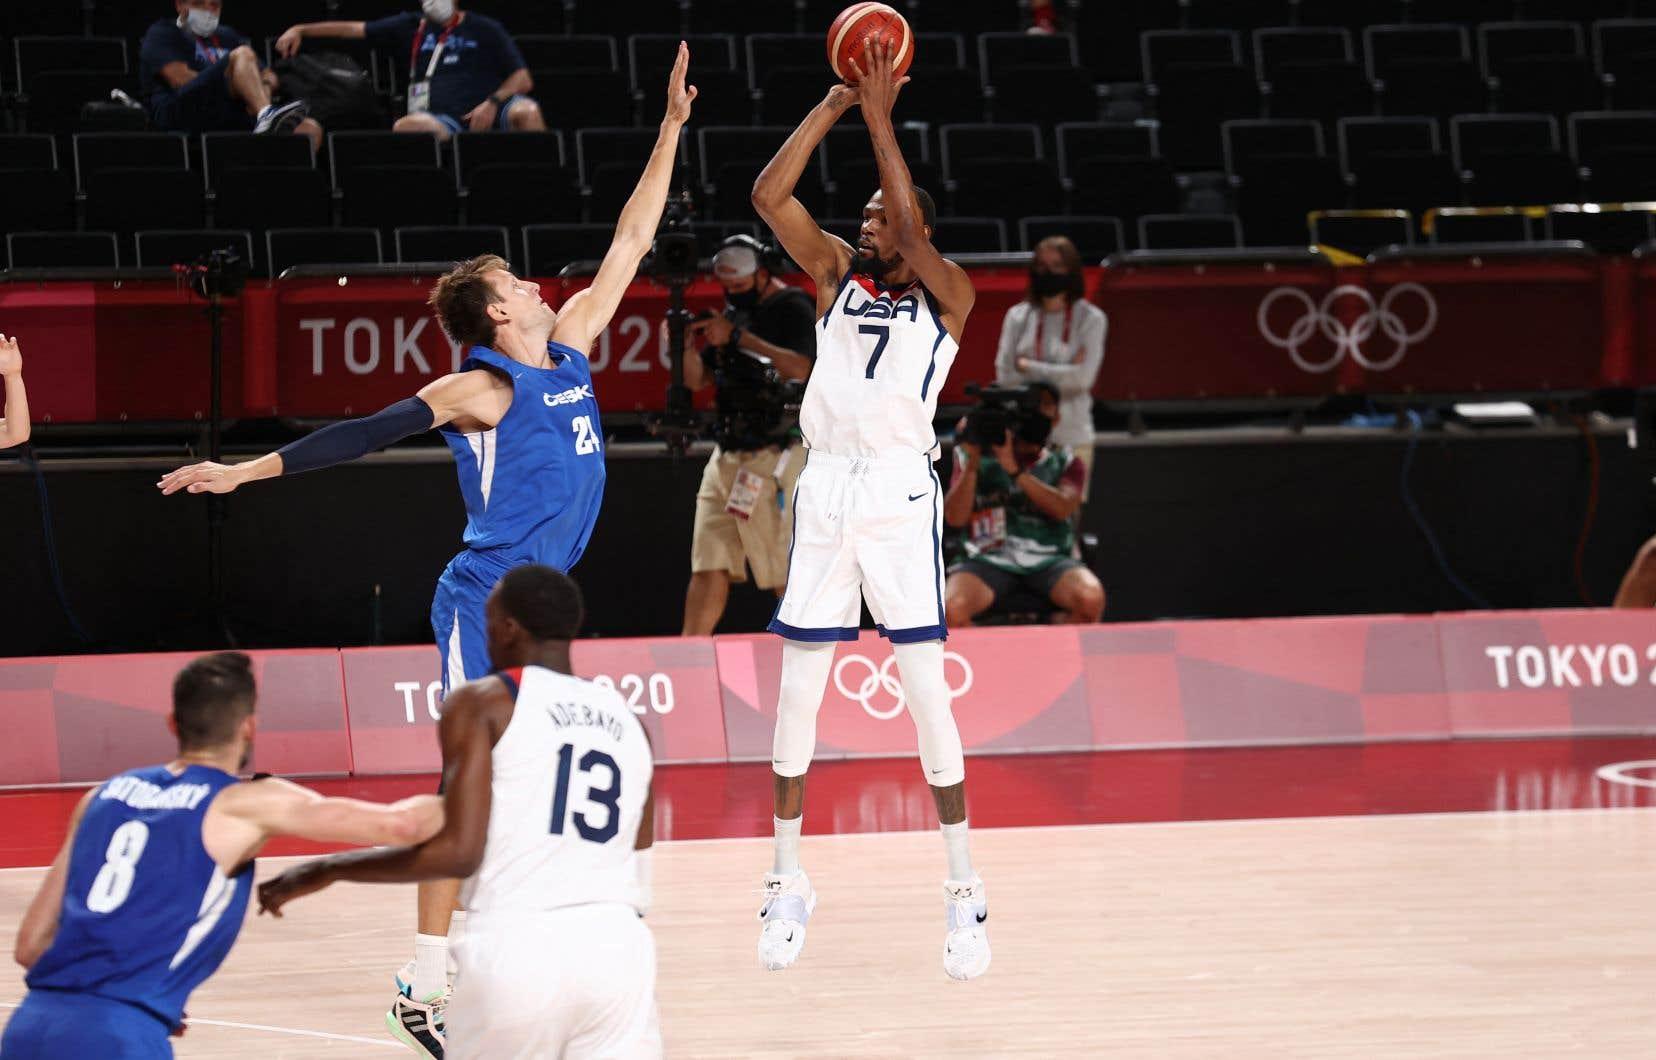 Le basketteur vedette Kevin Durant (numéro 7), pendant le match de tour préliminaire opposant les équipes olympiques masculines des États-Unis et de la République tchèque